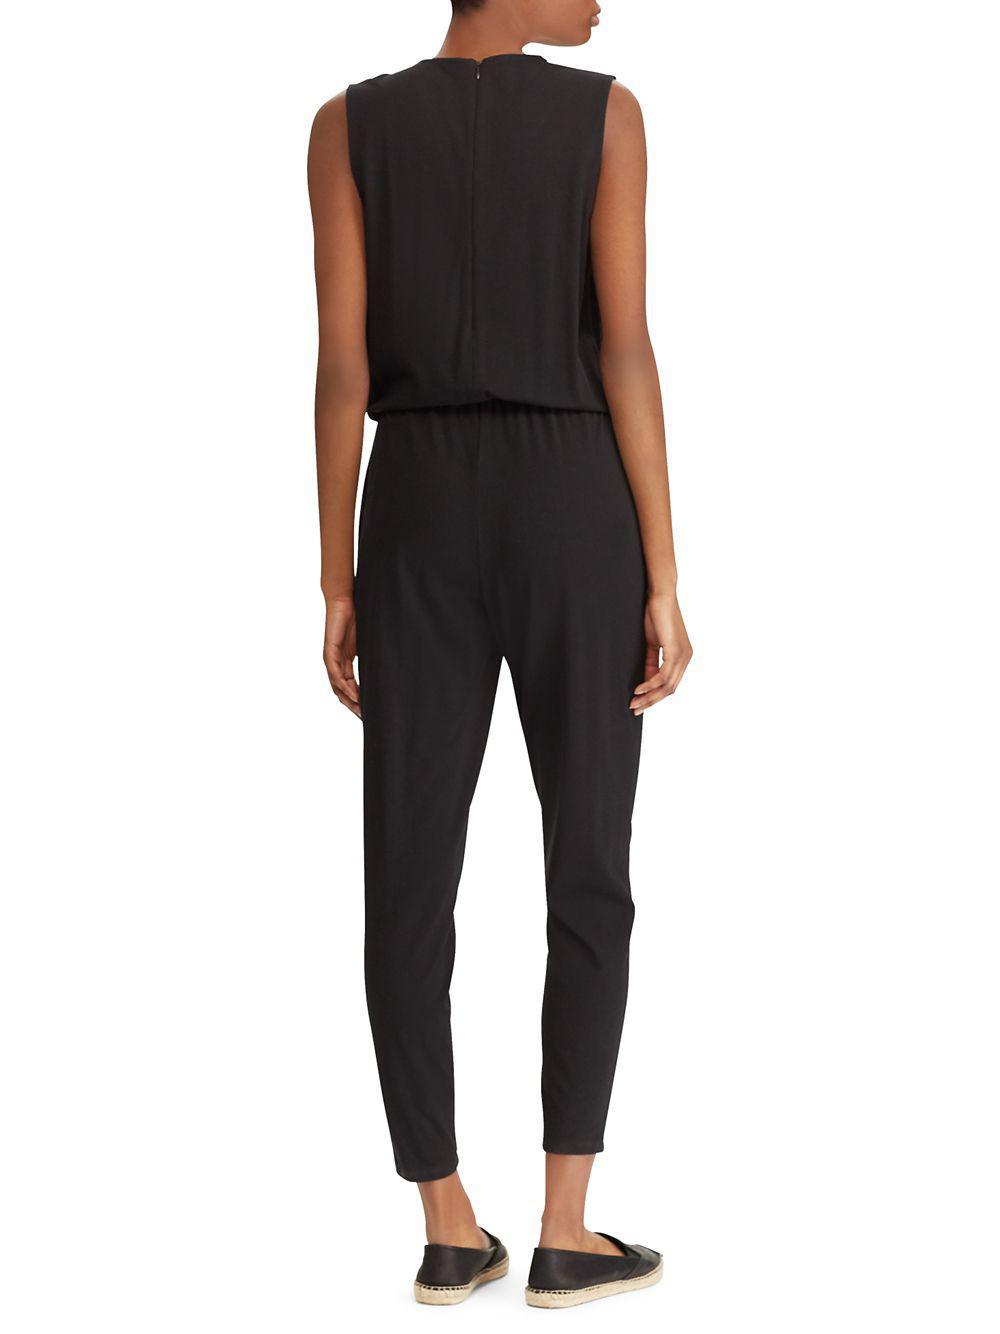 b359a8101bf8 Lyst - Lauren By Ralph Lauren Skinny Jersey Jumpsuit in Black